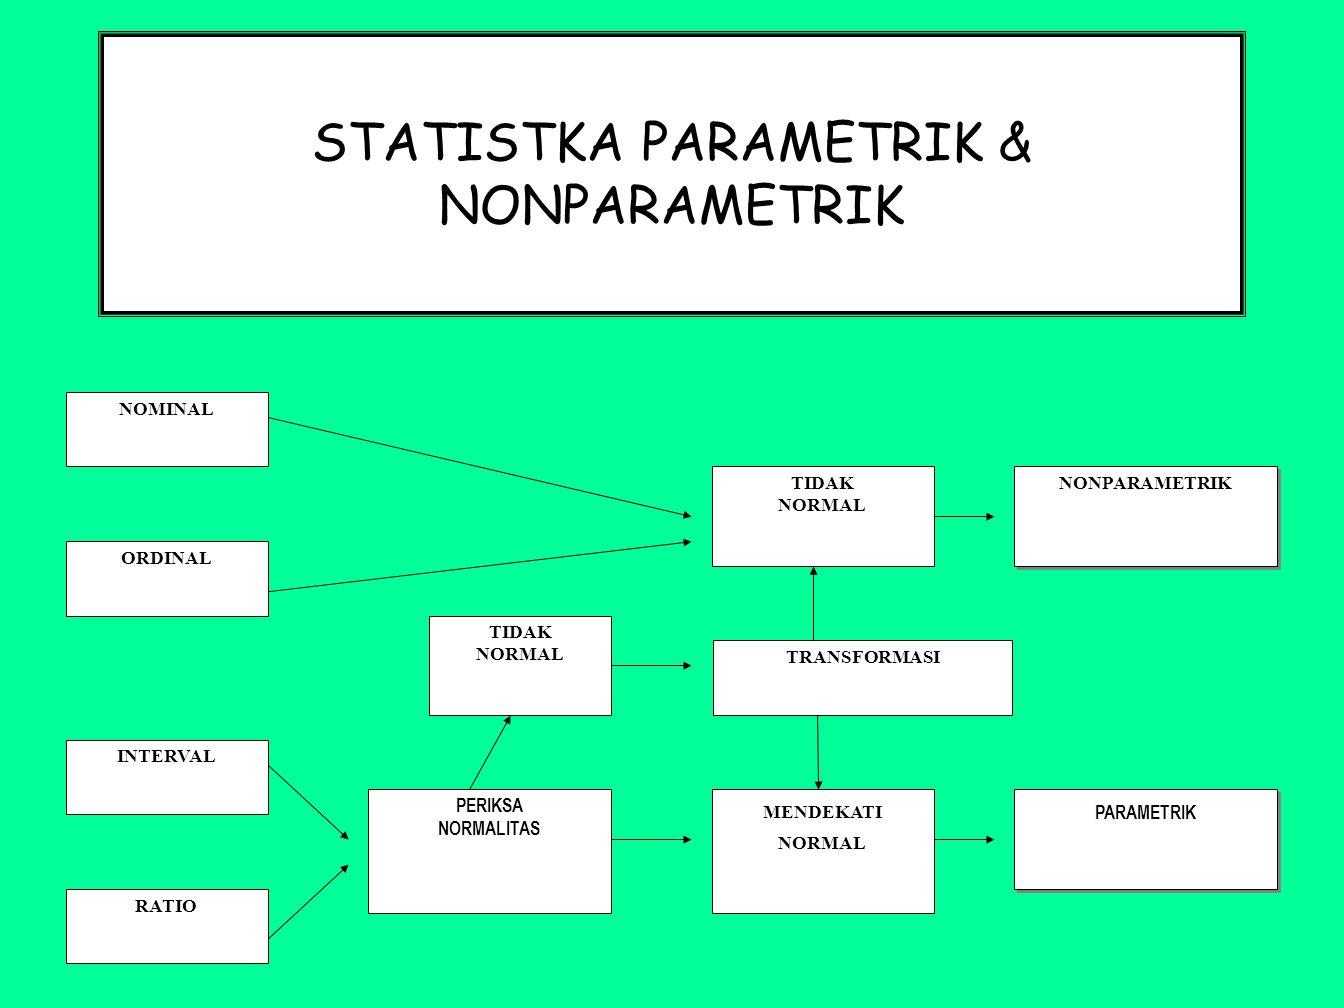 STATISTKA PARAMETRIK & NONPARAMETRIK NOMINAL ORDINAL INTERVAL RATIO NONPARAMETRIK PARAMETRIK PERIKSA NORMALITAS MENDEKATI NORMAL TIDAK NORMAL TRANSFOR